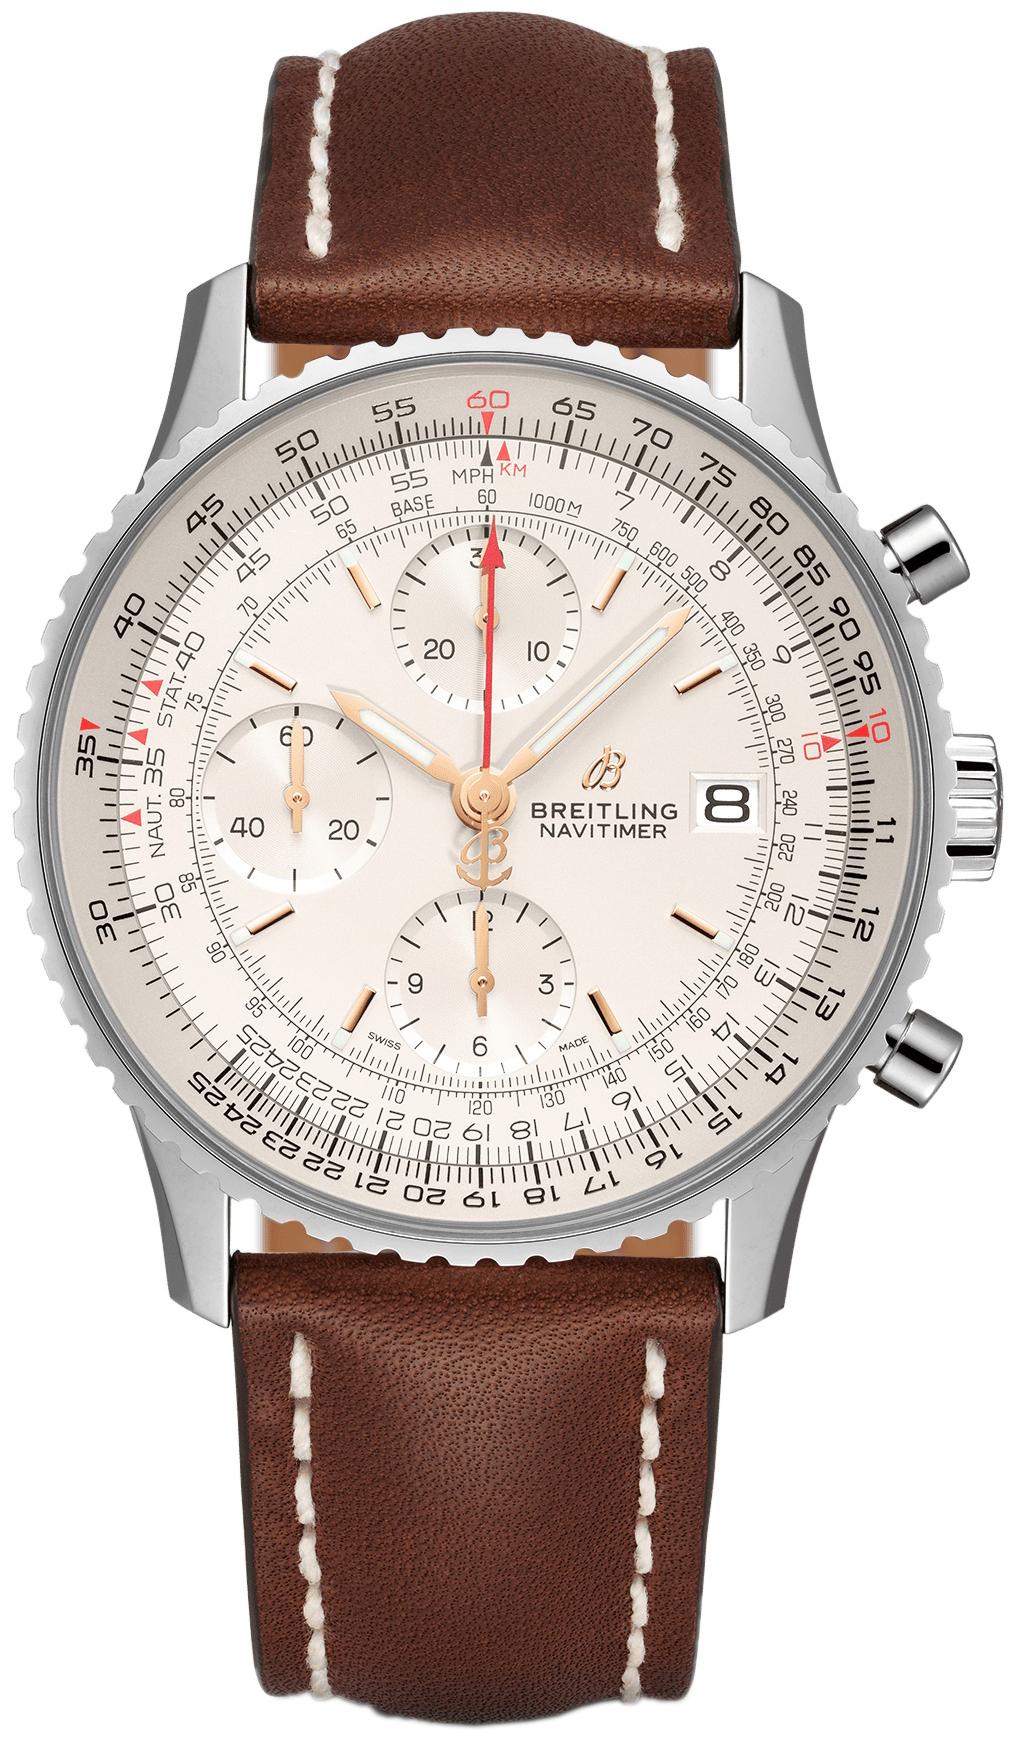 Breitling Navitimer 1 Chronograph 41 Herreklokke A13324121G1X3 - Breitling